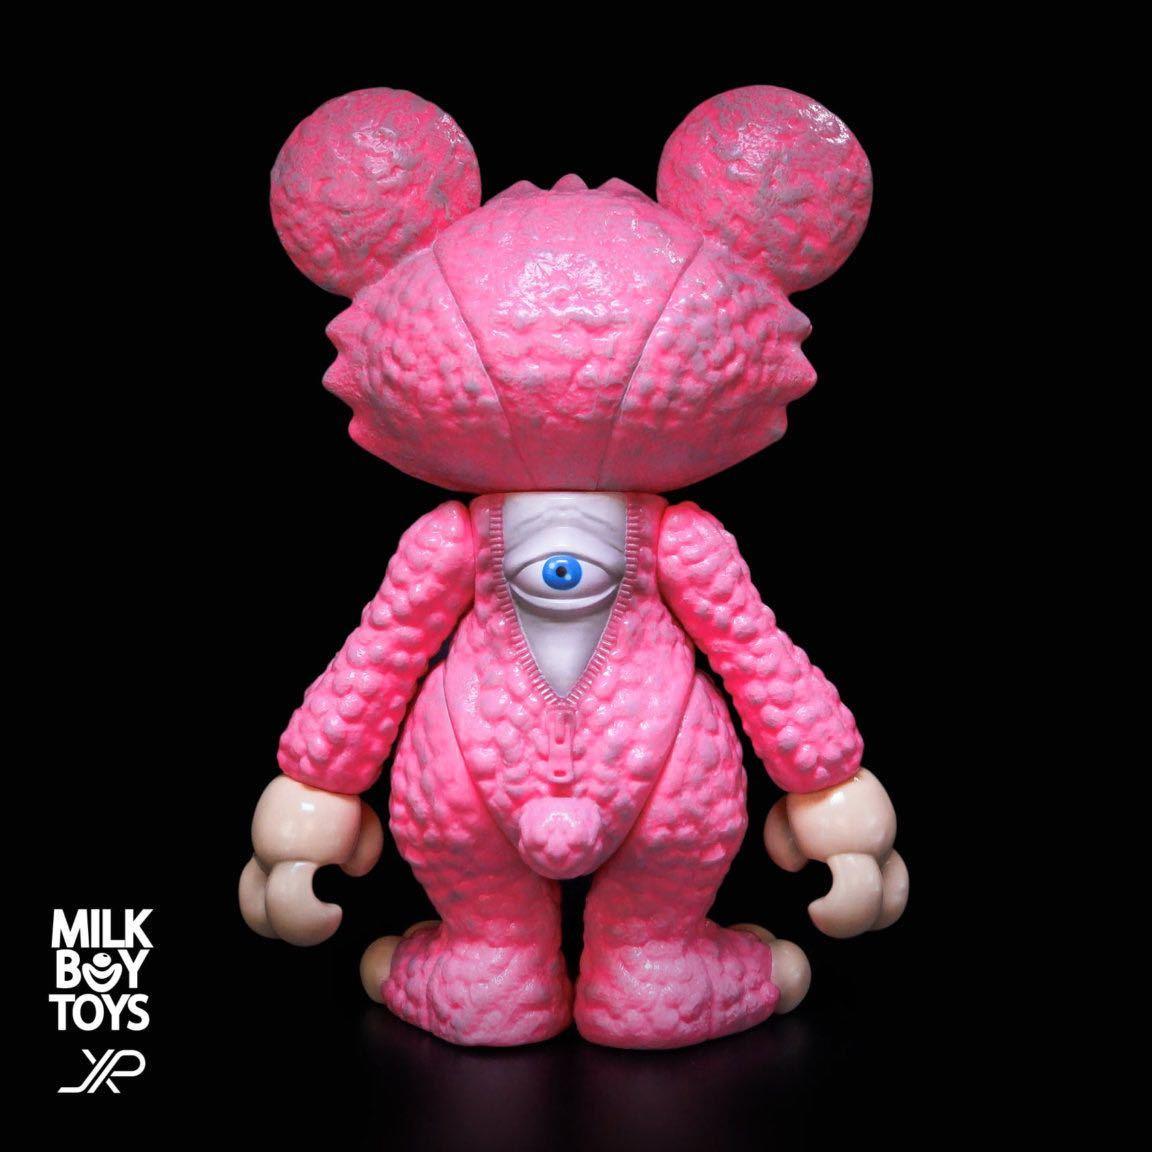 新品 JPX x MILKBOY TOYS IT BEAR the animated TOYS itbear kenth toy works BLACK PEARLS イットベアー ミルクボーイトイズ ソフビ_画像2